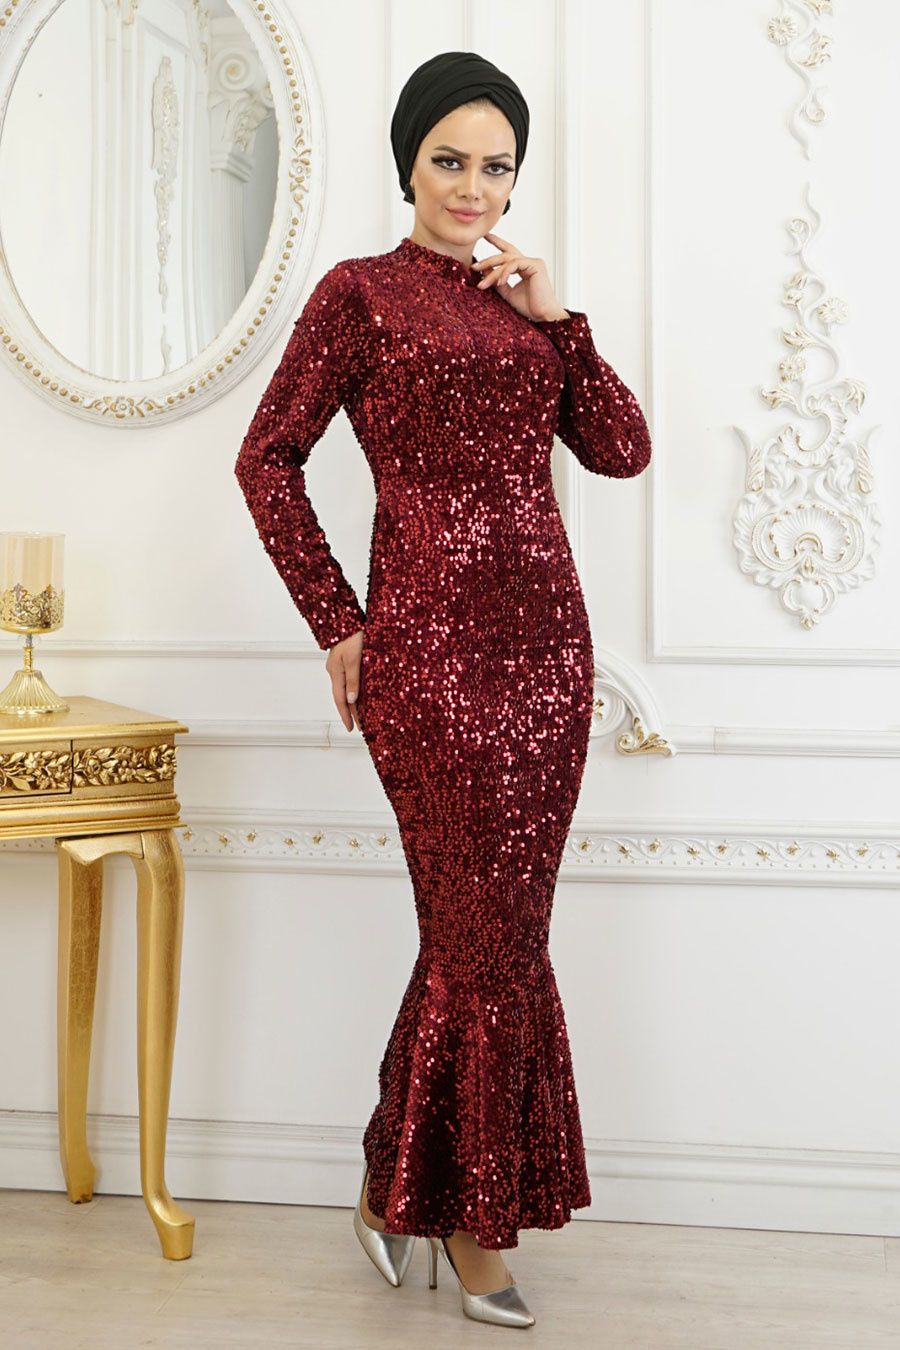 Tesetturlu Abiye Elbise Balik Model Bordo Tesettur Abiye Elbise 8742br Tesetturisland Com 2020 Elbise Resmi Elbise Elbiseler